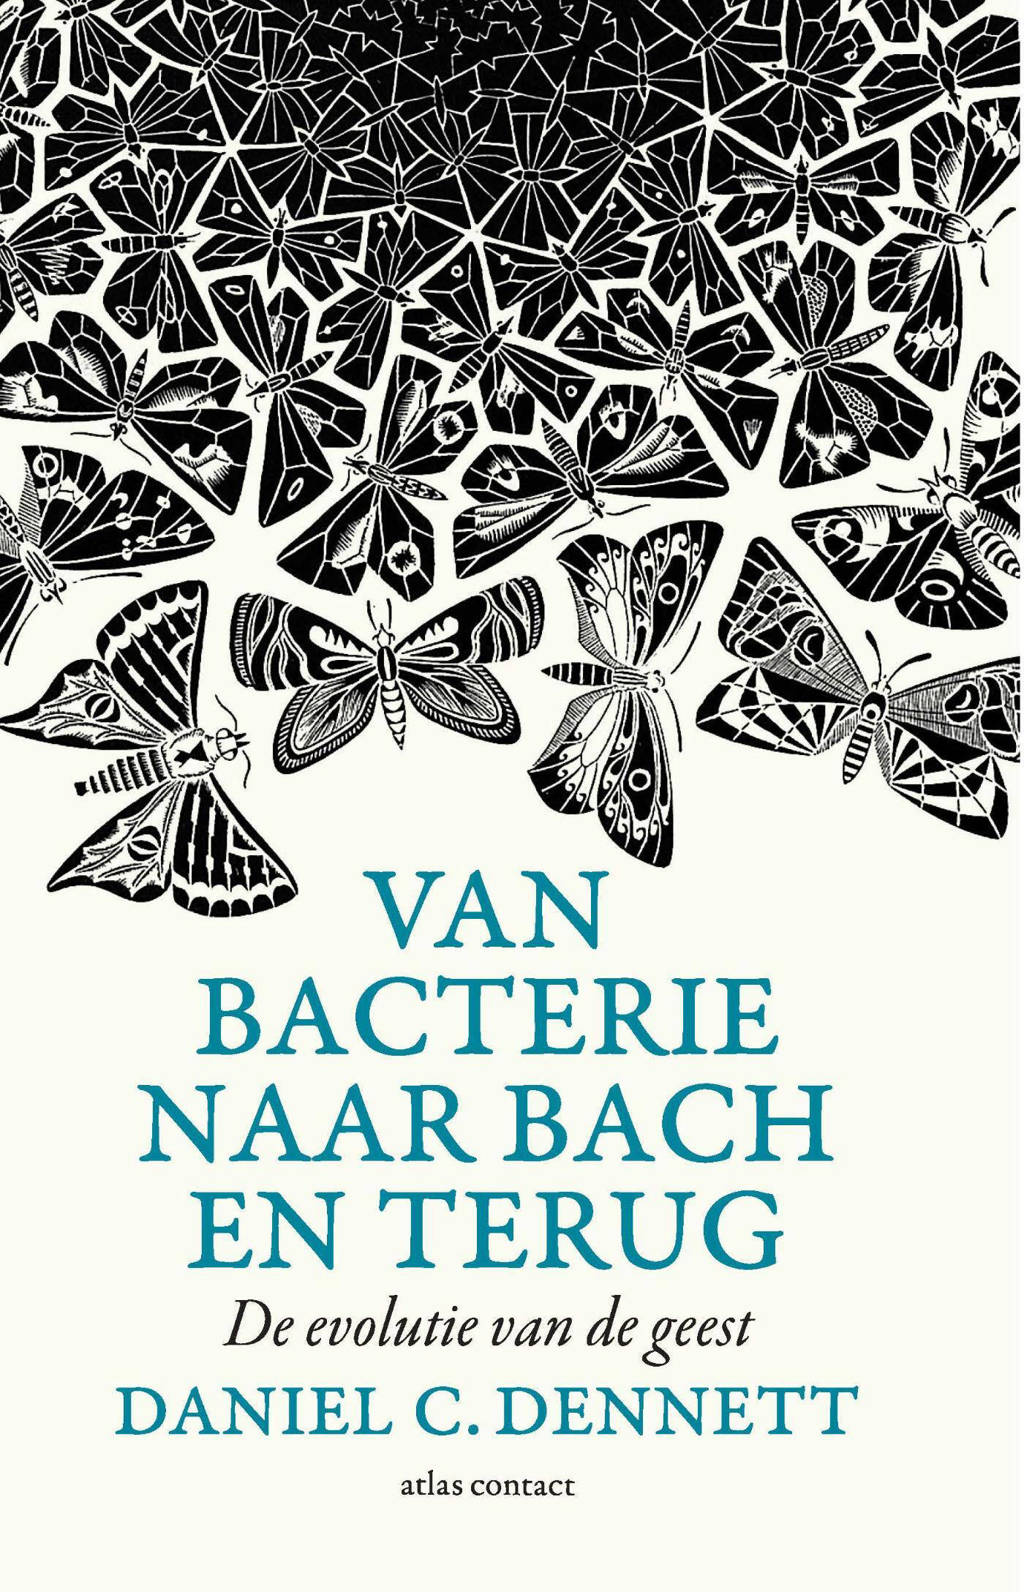 Van bacterie naar Bach en terug - Daniel C. Dennett